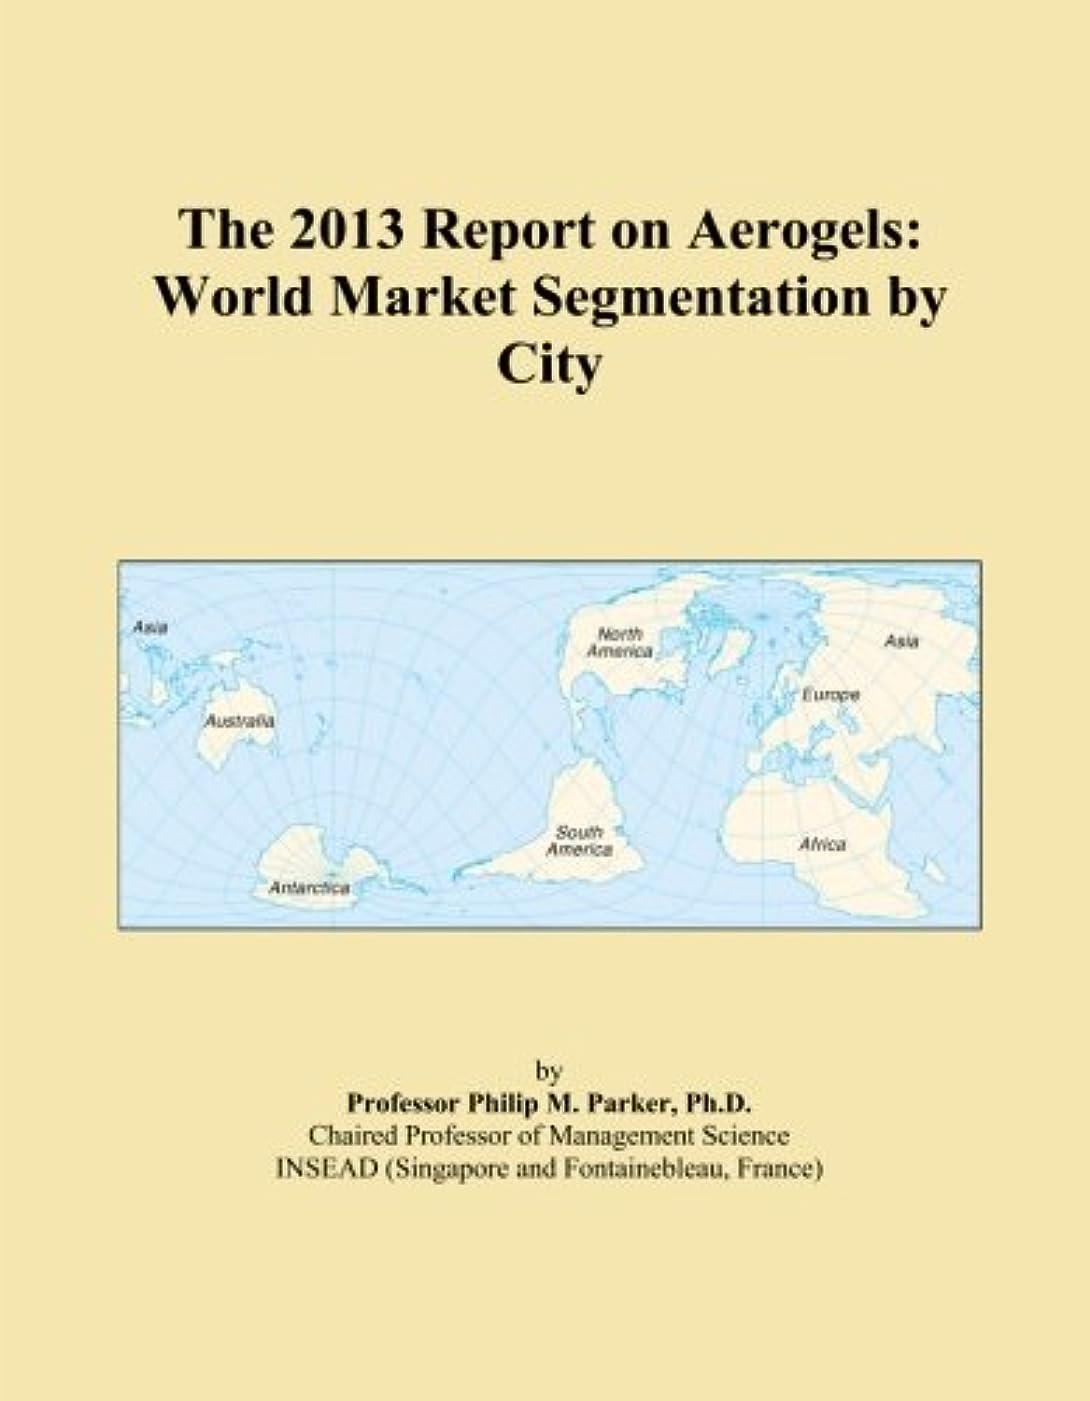 失業者コイン明らかにThe 2013 Report on Aerogels: World Market Segmentation by City